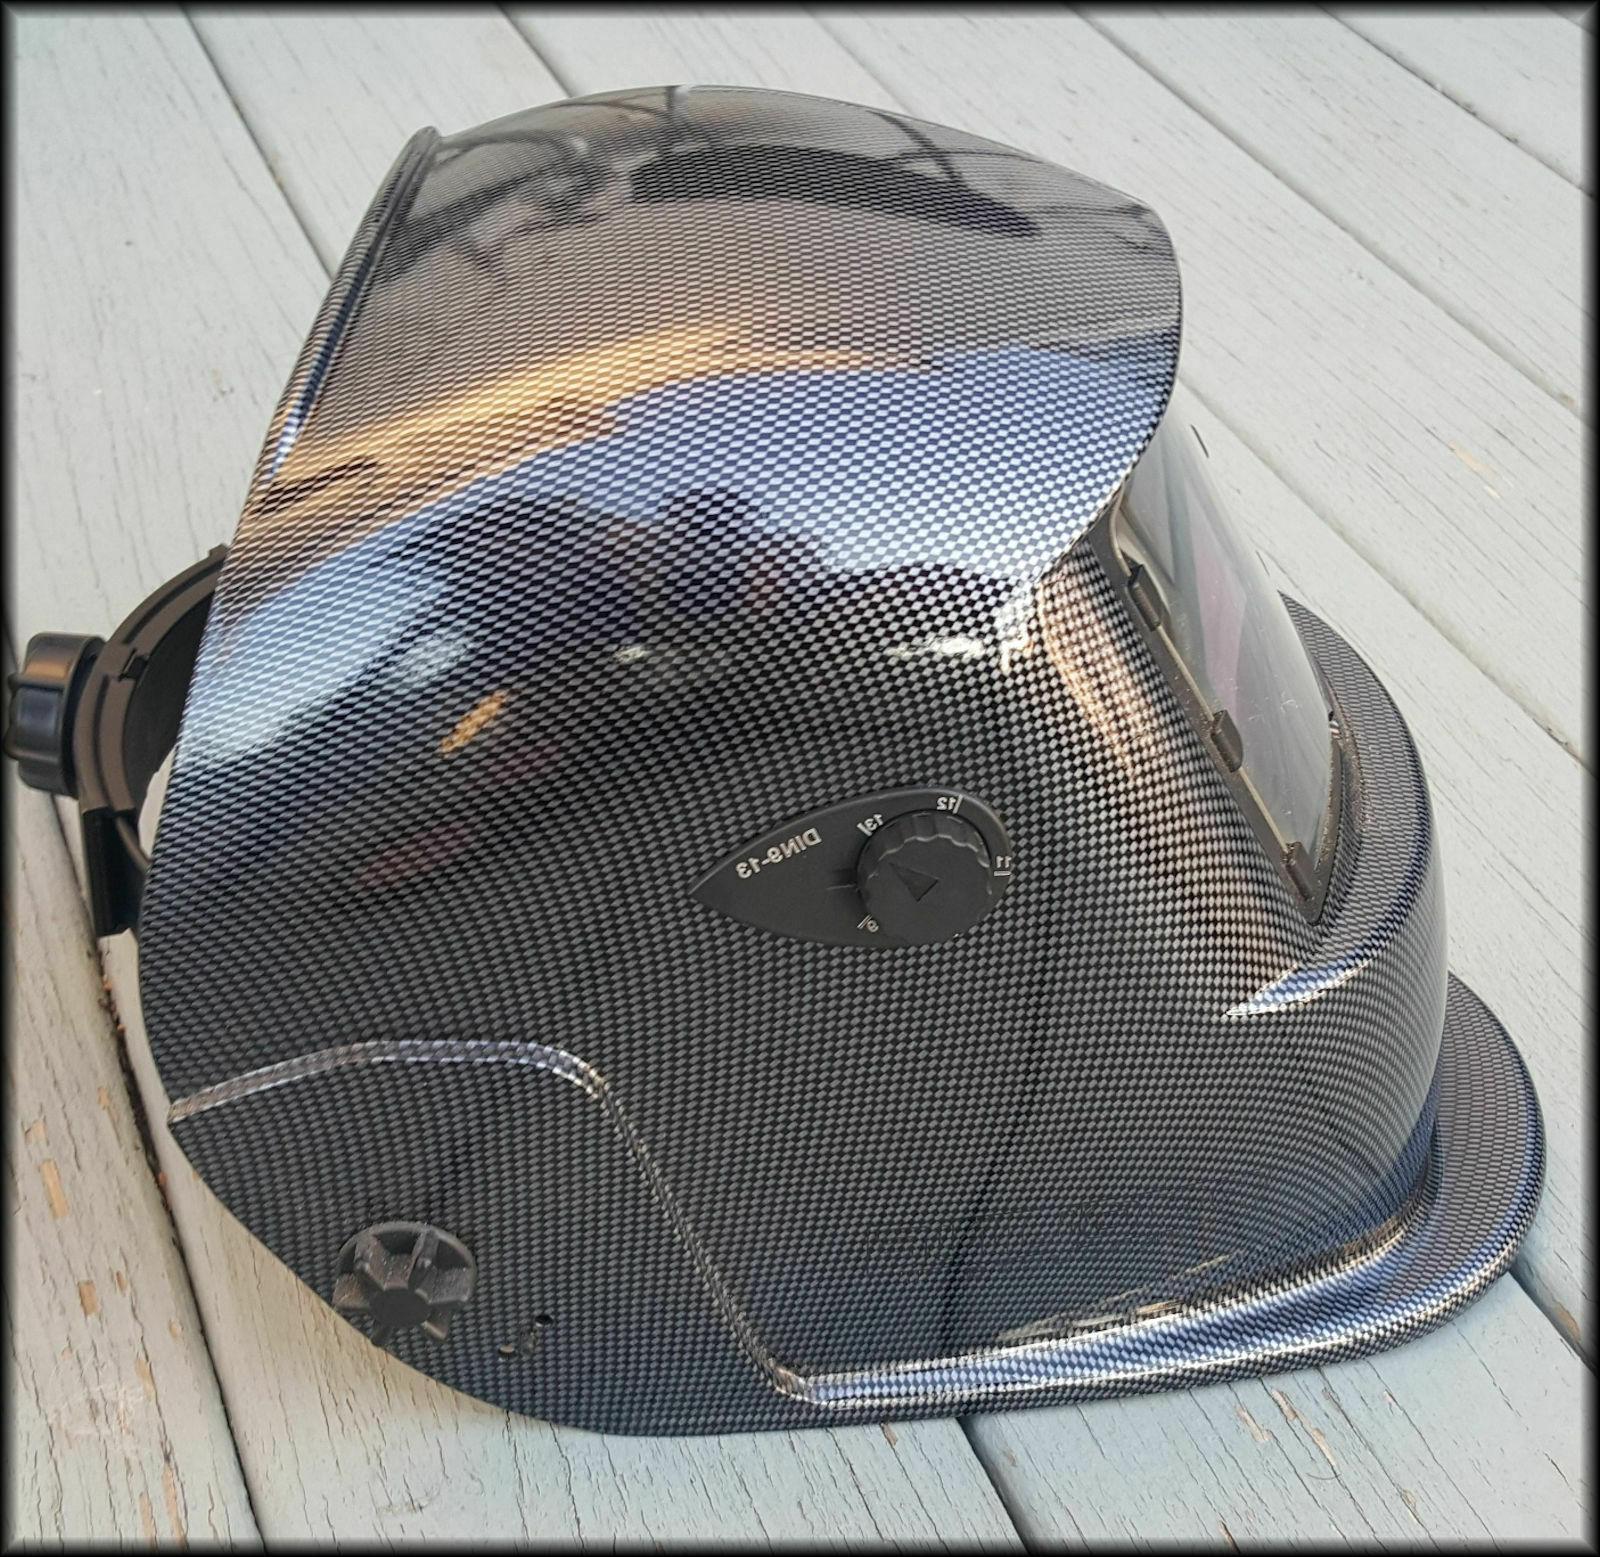 solar auto darkening welding grinding helmet 1